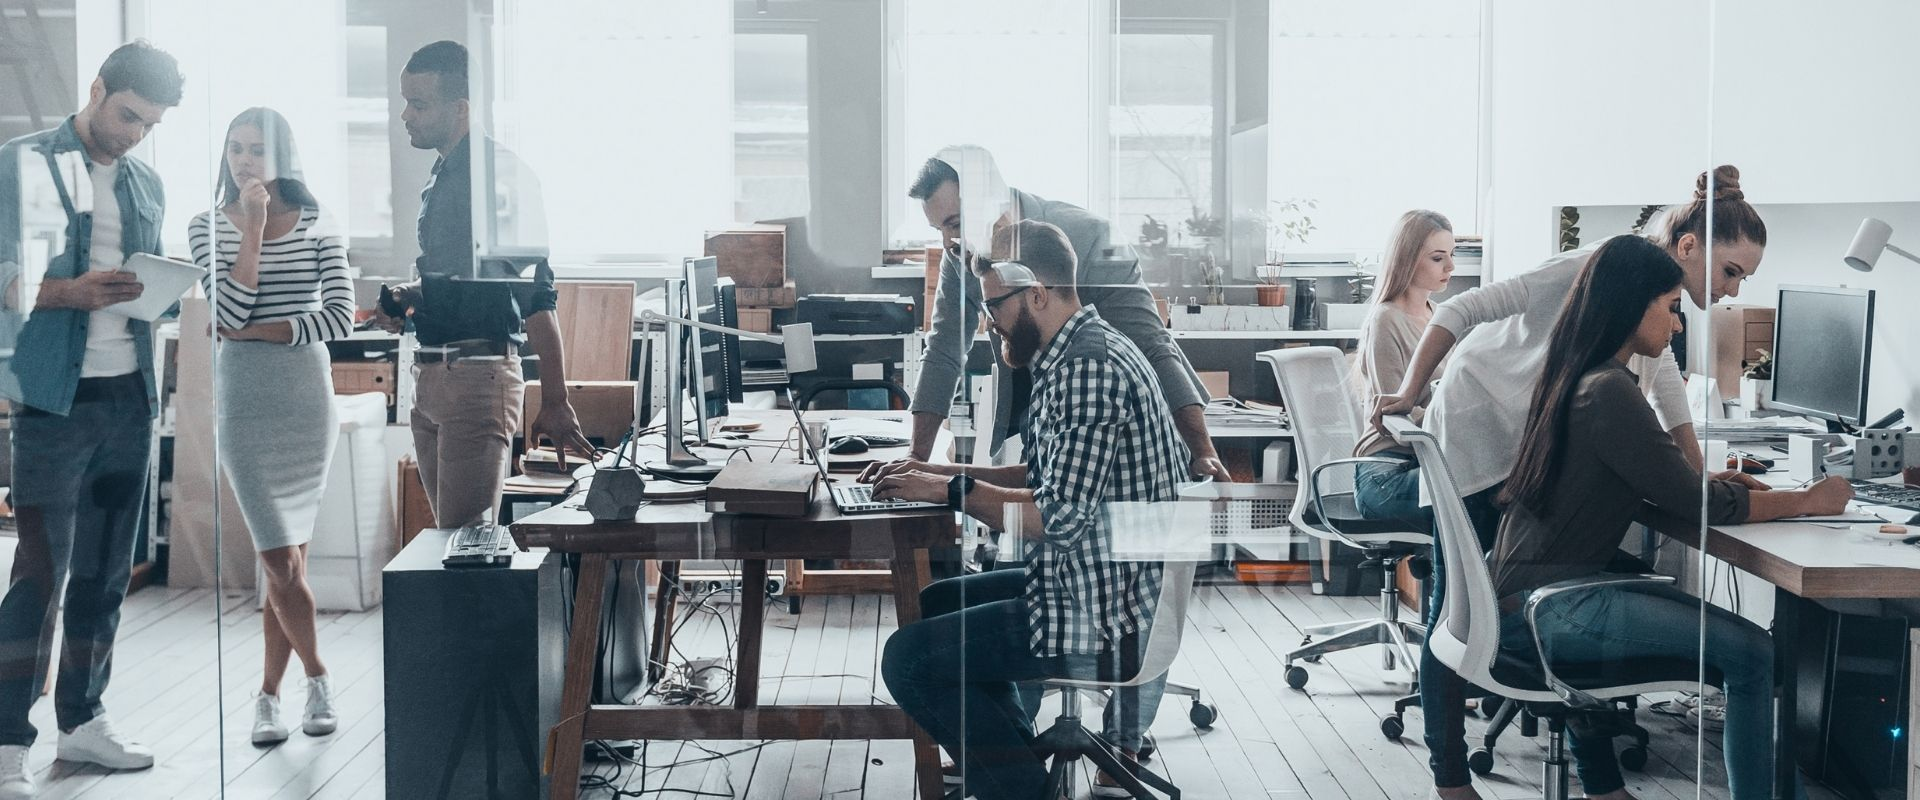 Cultura do aprendizado e como inseri-la na sua organização